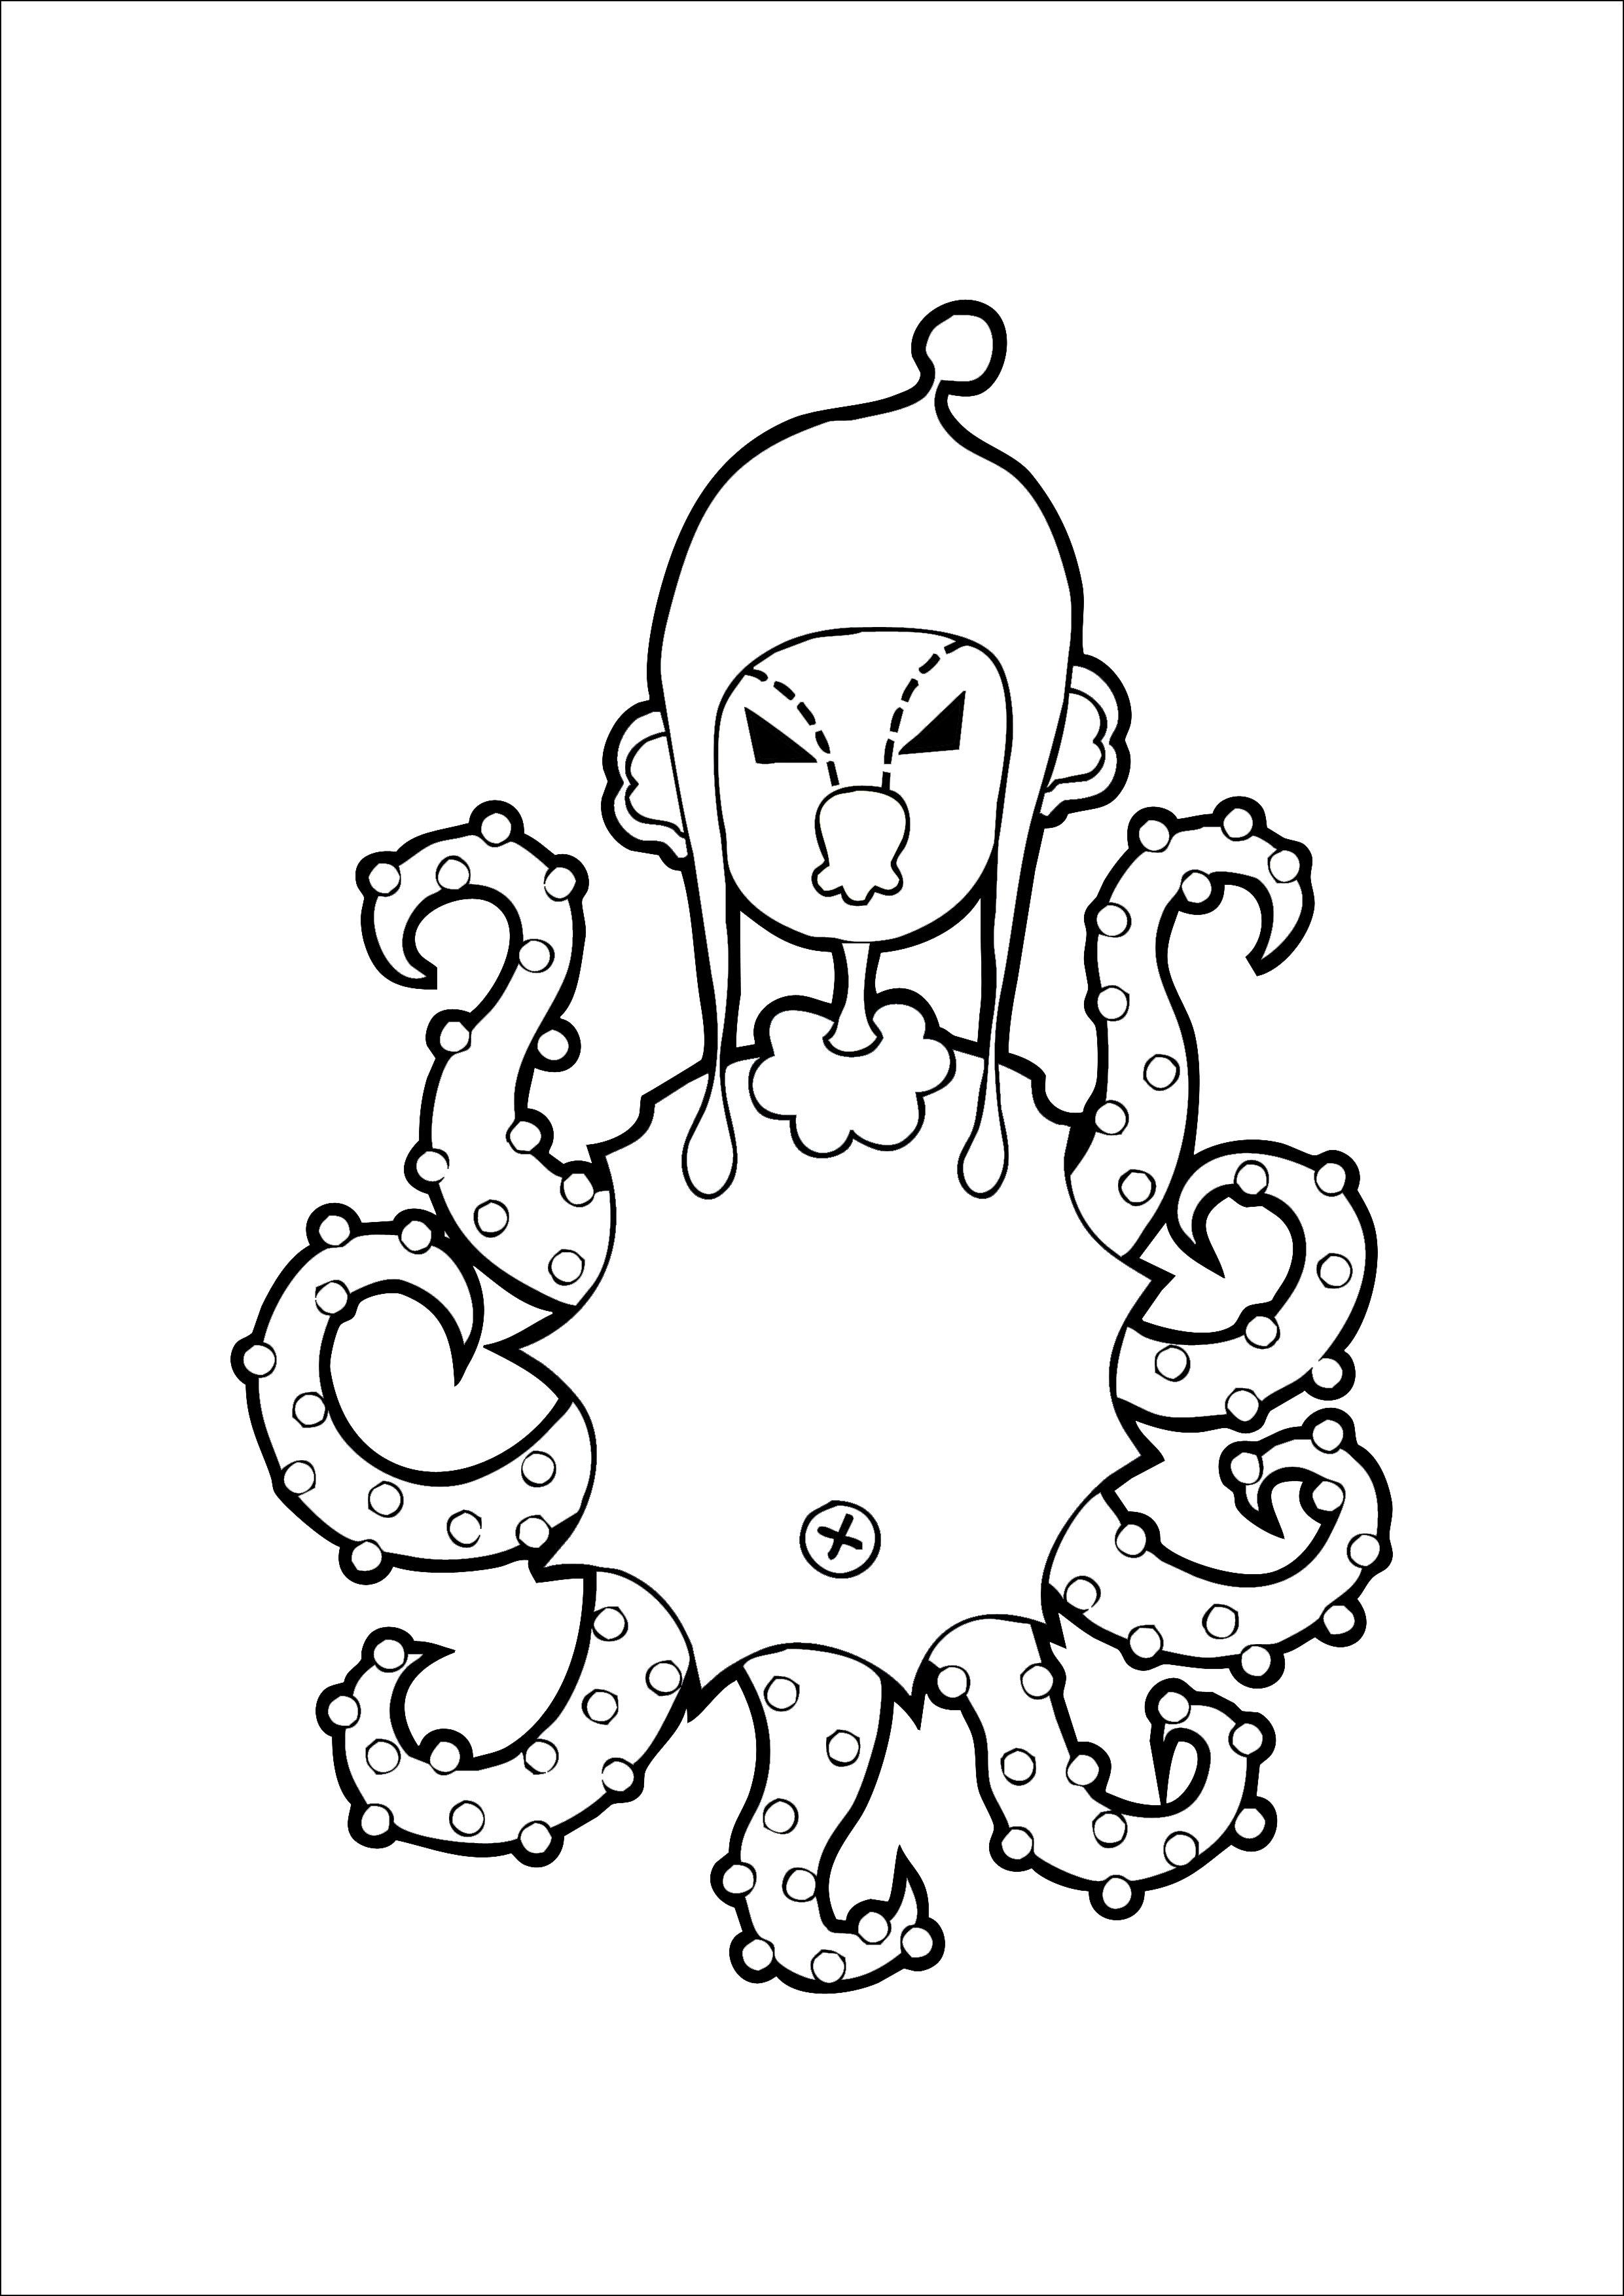 可爱章鱼手绘图